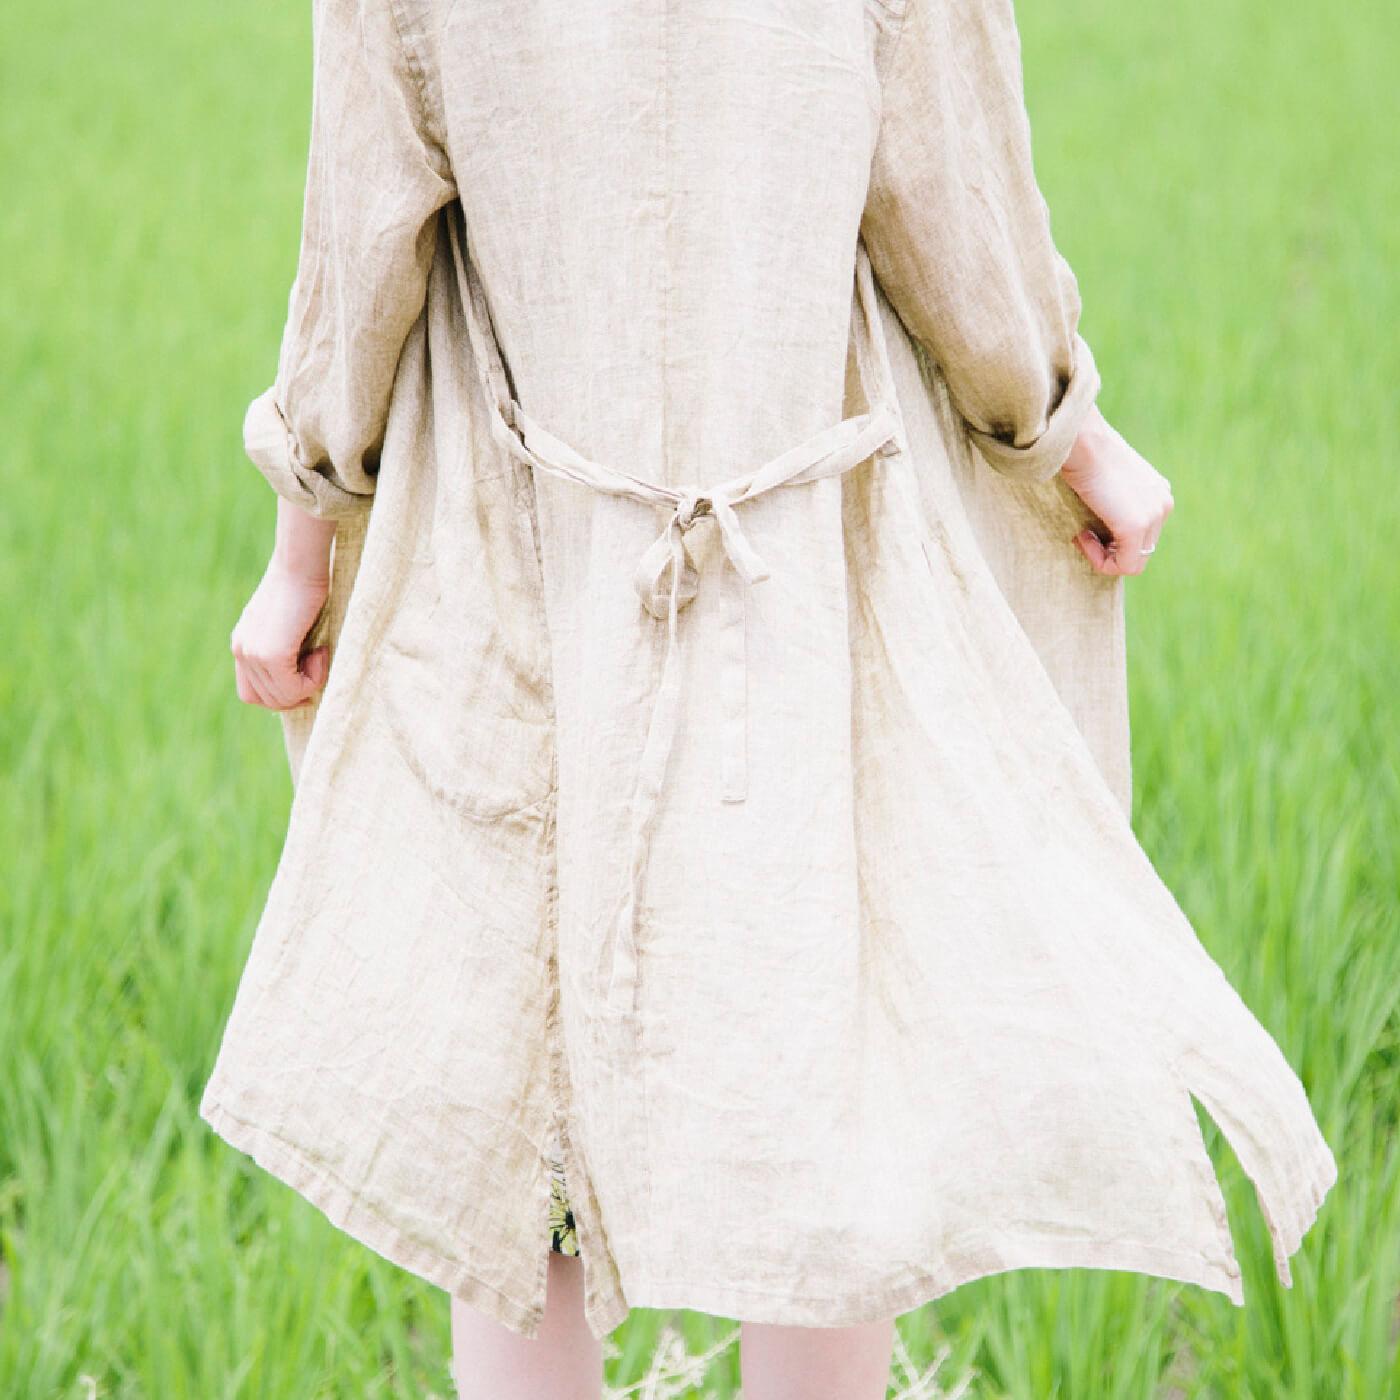 洋服一枚で人生が変わることもある!